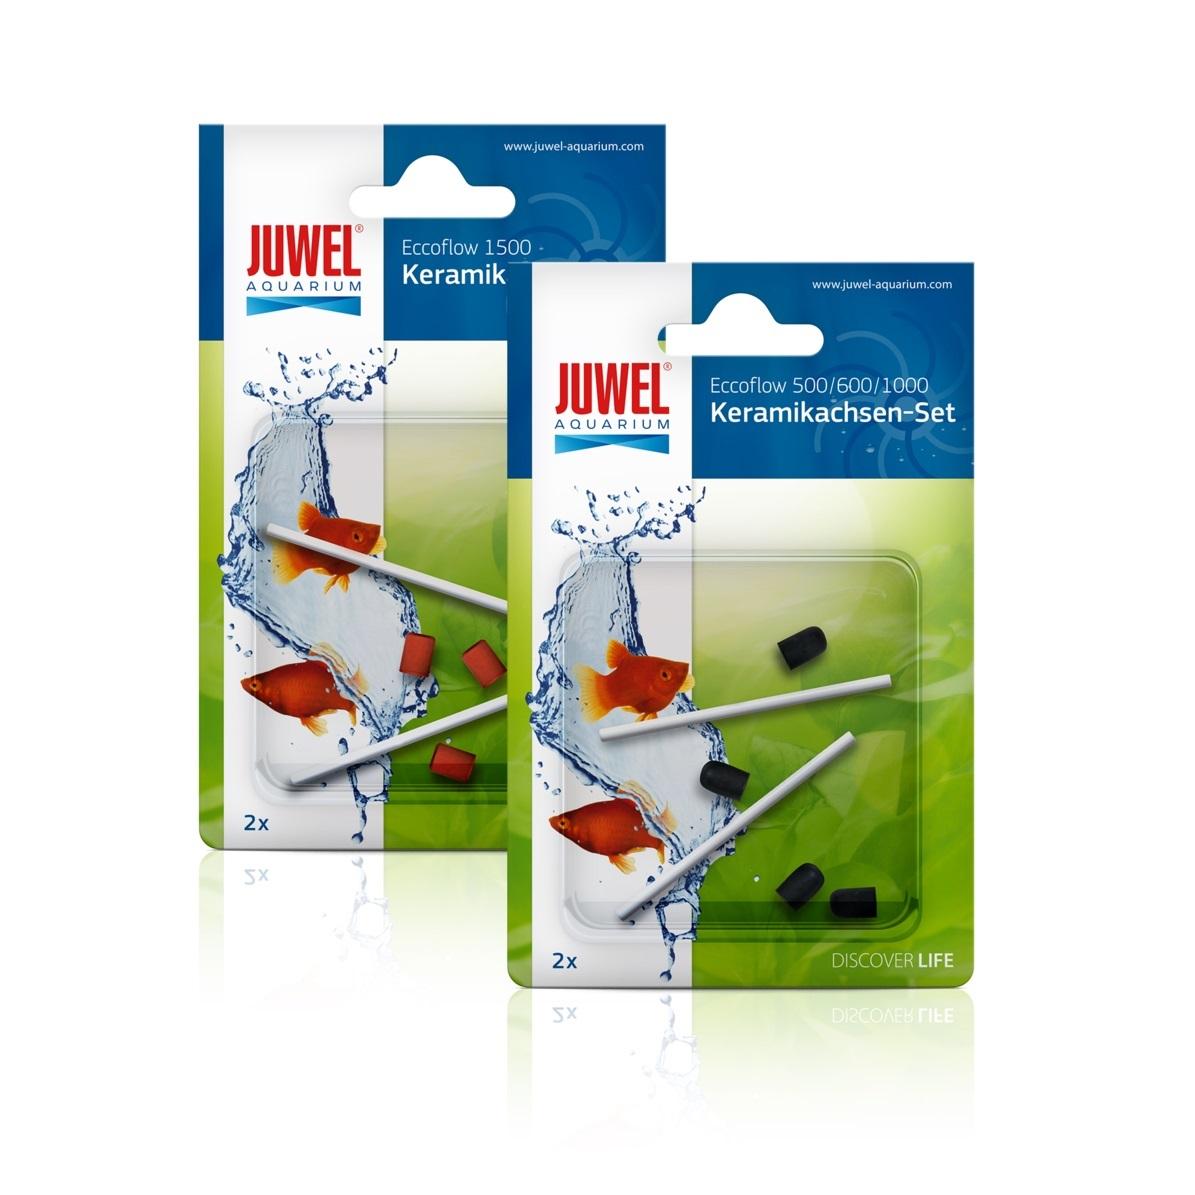 Ось керамическая JUWEL  для помп Eccoflow 1500 (2 шт)